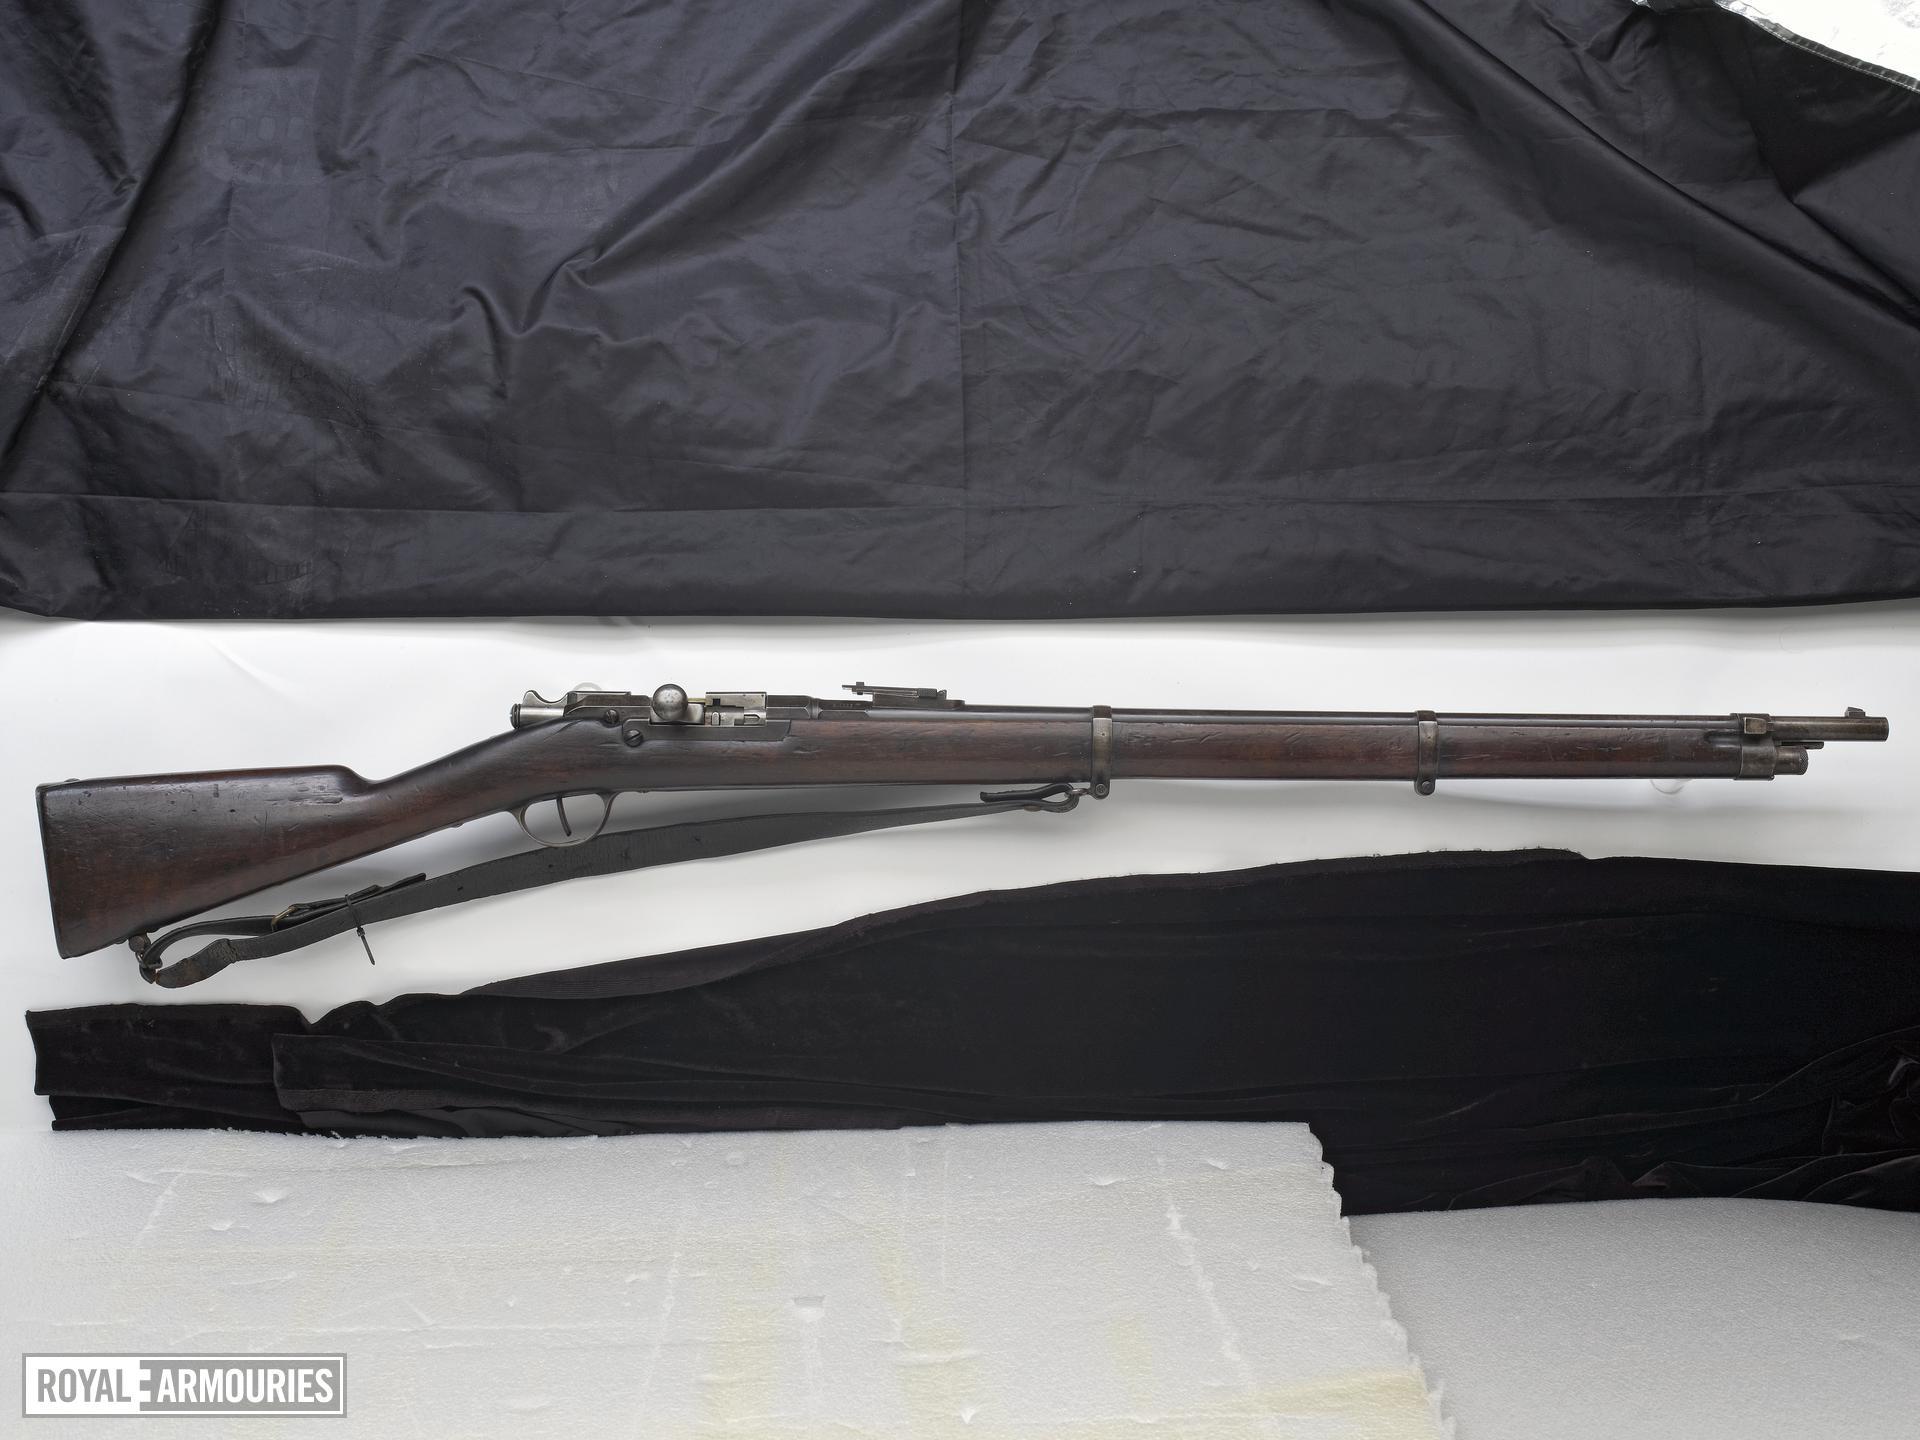 Centrefire bolt-action rifle - Kropatschek Model 1878